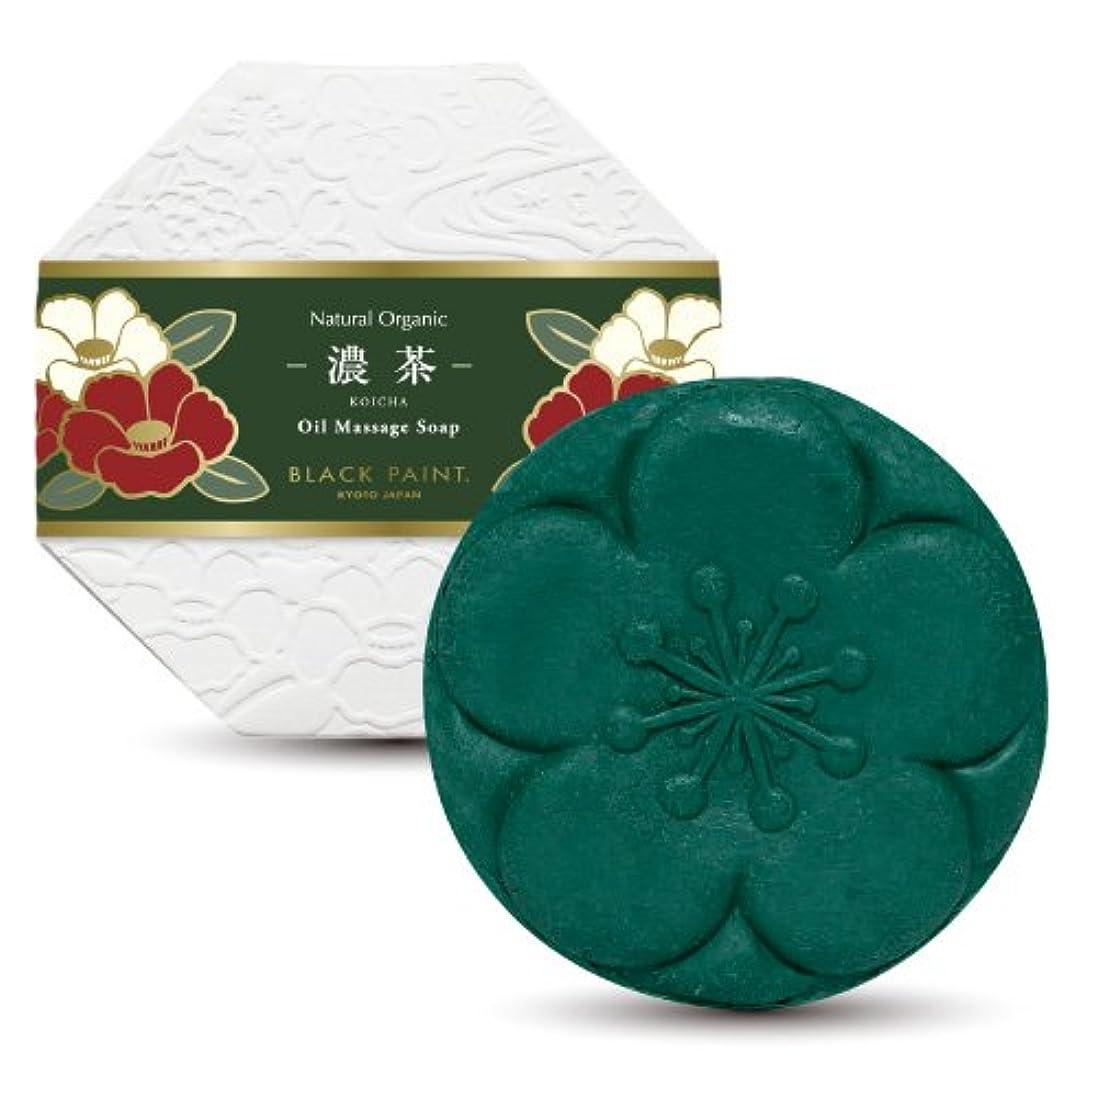 あなたのもの南方の服を洗う京のお茶石鹸 濃茶 120g 塗る石鹸